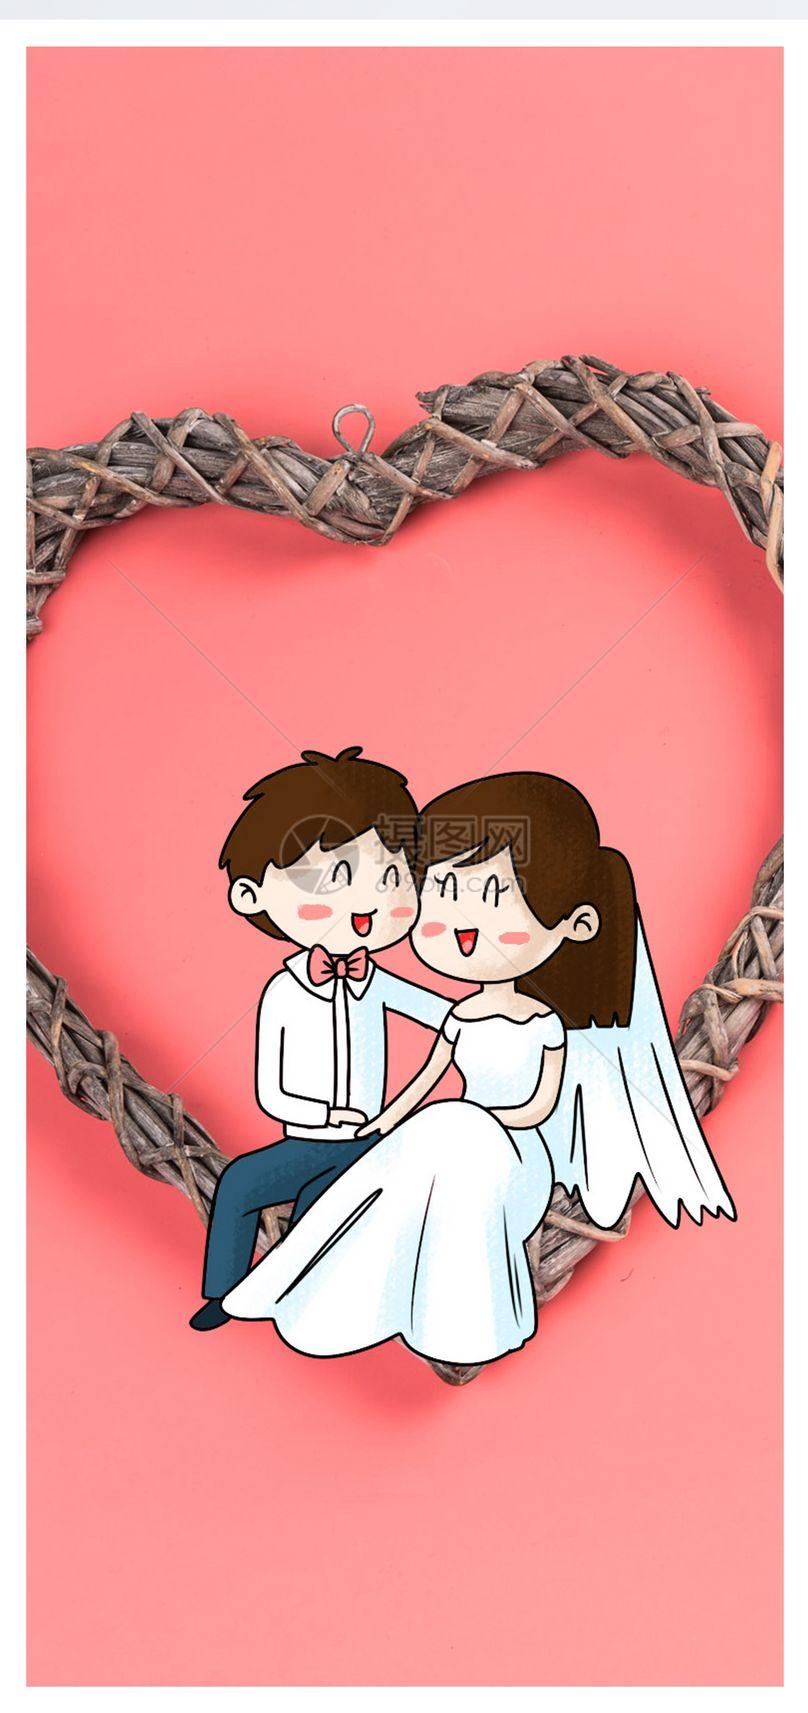 可爱婚礼小人手机壁纸图片